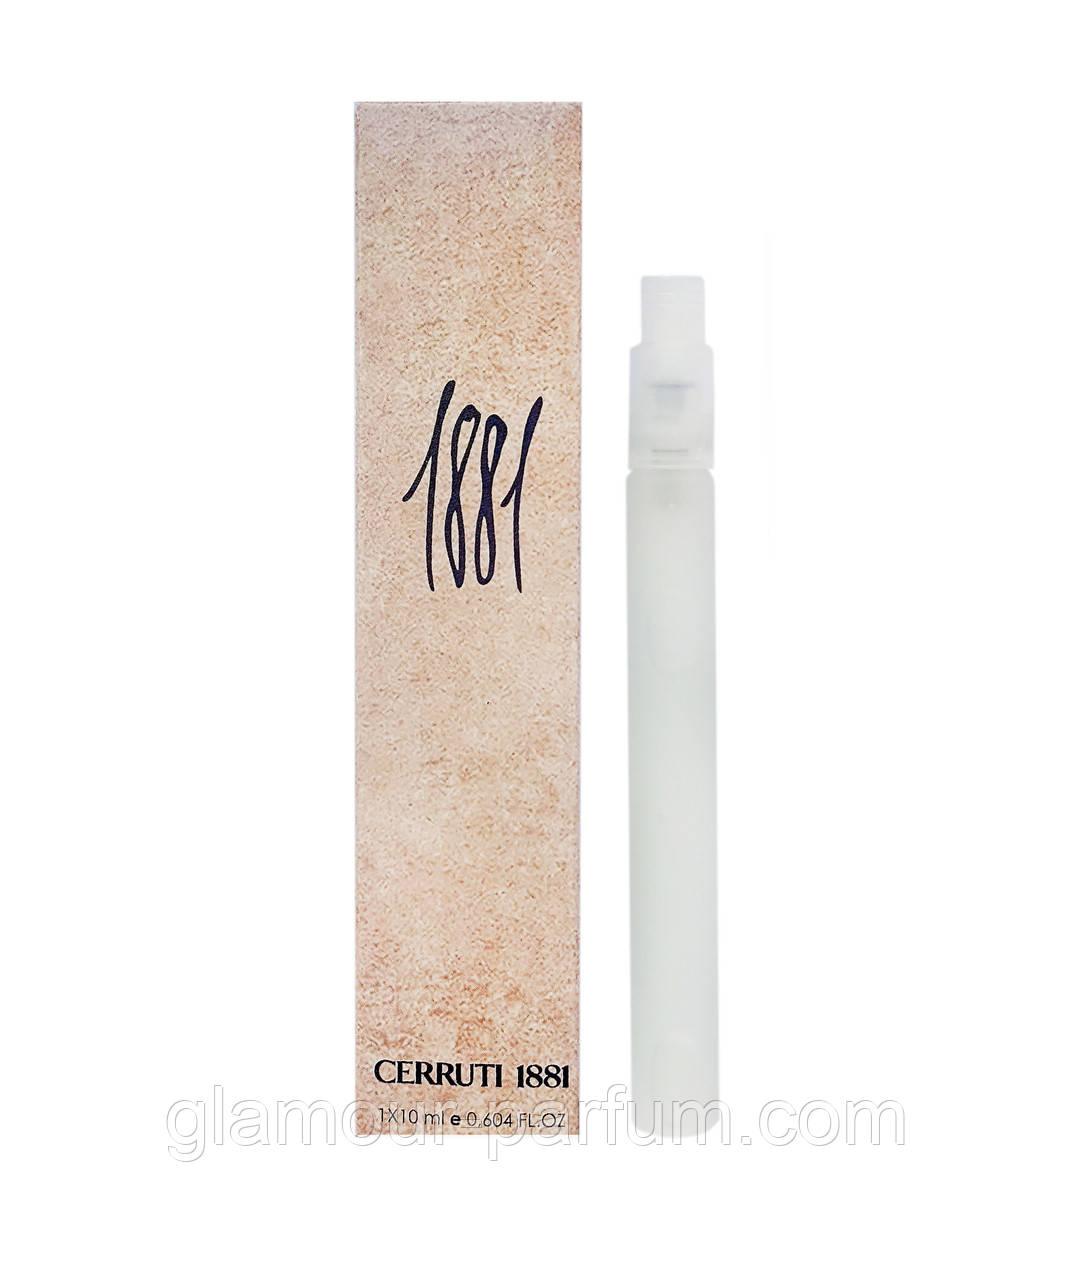 Мини парфюм Cerruti 1881 pour Femme (Черутти 1881 пур Фем) 10 мл (реплика) ОПТ